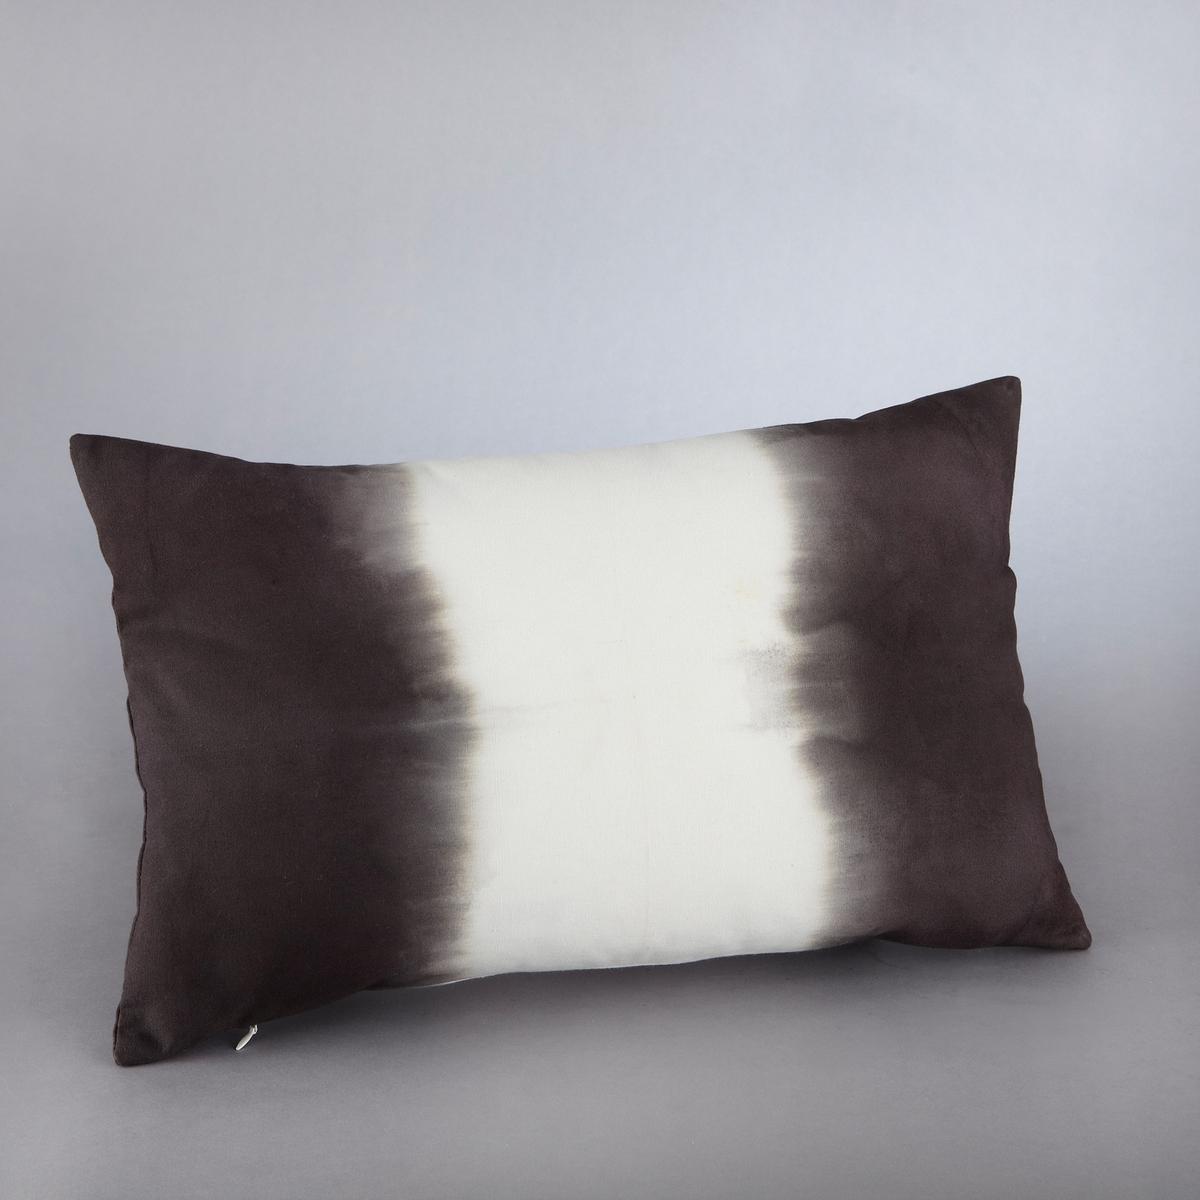 Чехол для подушкиЧехол для подушки Tonin. Оригинальная расцветка tye&amp;dye! Рисунок с обеих сторон. Скрытая застежка на молнию в тон сзади. Стирка при 30°. 100% хлопка. Размер: 50 х 30 см.<br><br>Цвет: индиго/белый,черный/ белый